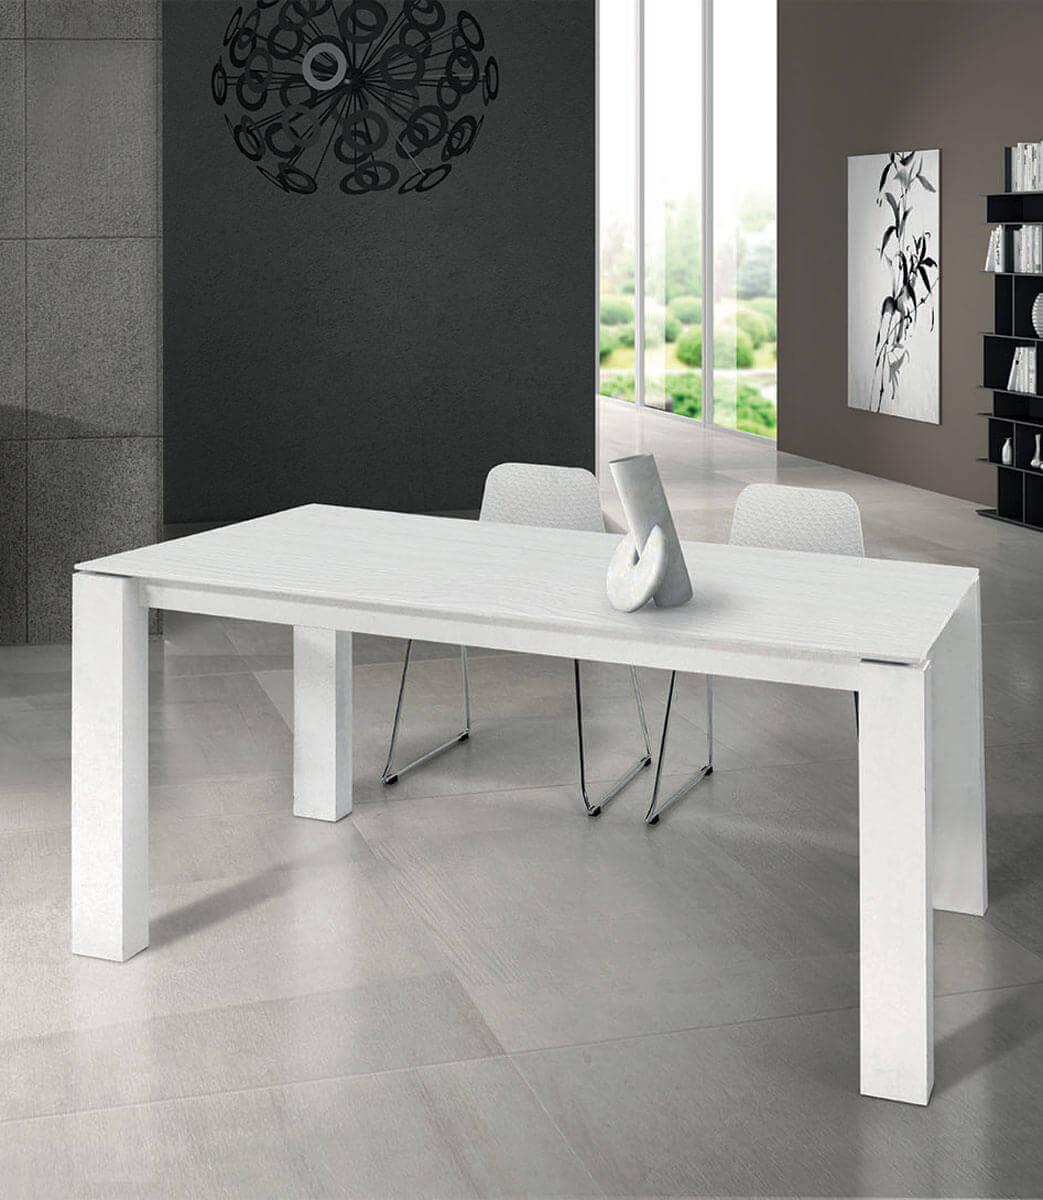 Tavolo rettangolare allungabile in legno bianco frassinato 8/10 persone  160/250 cm - Spazio Casa